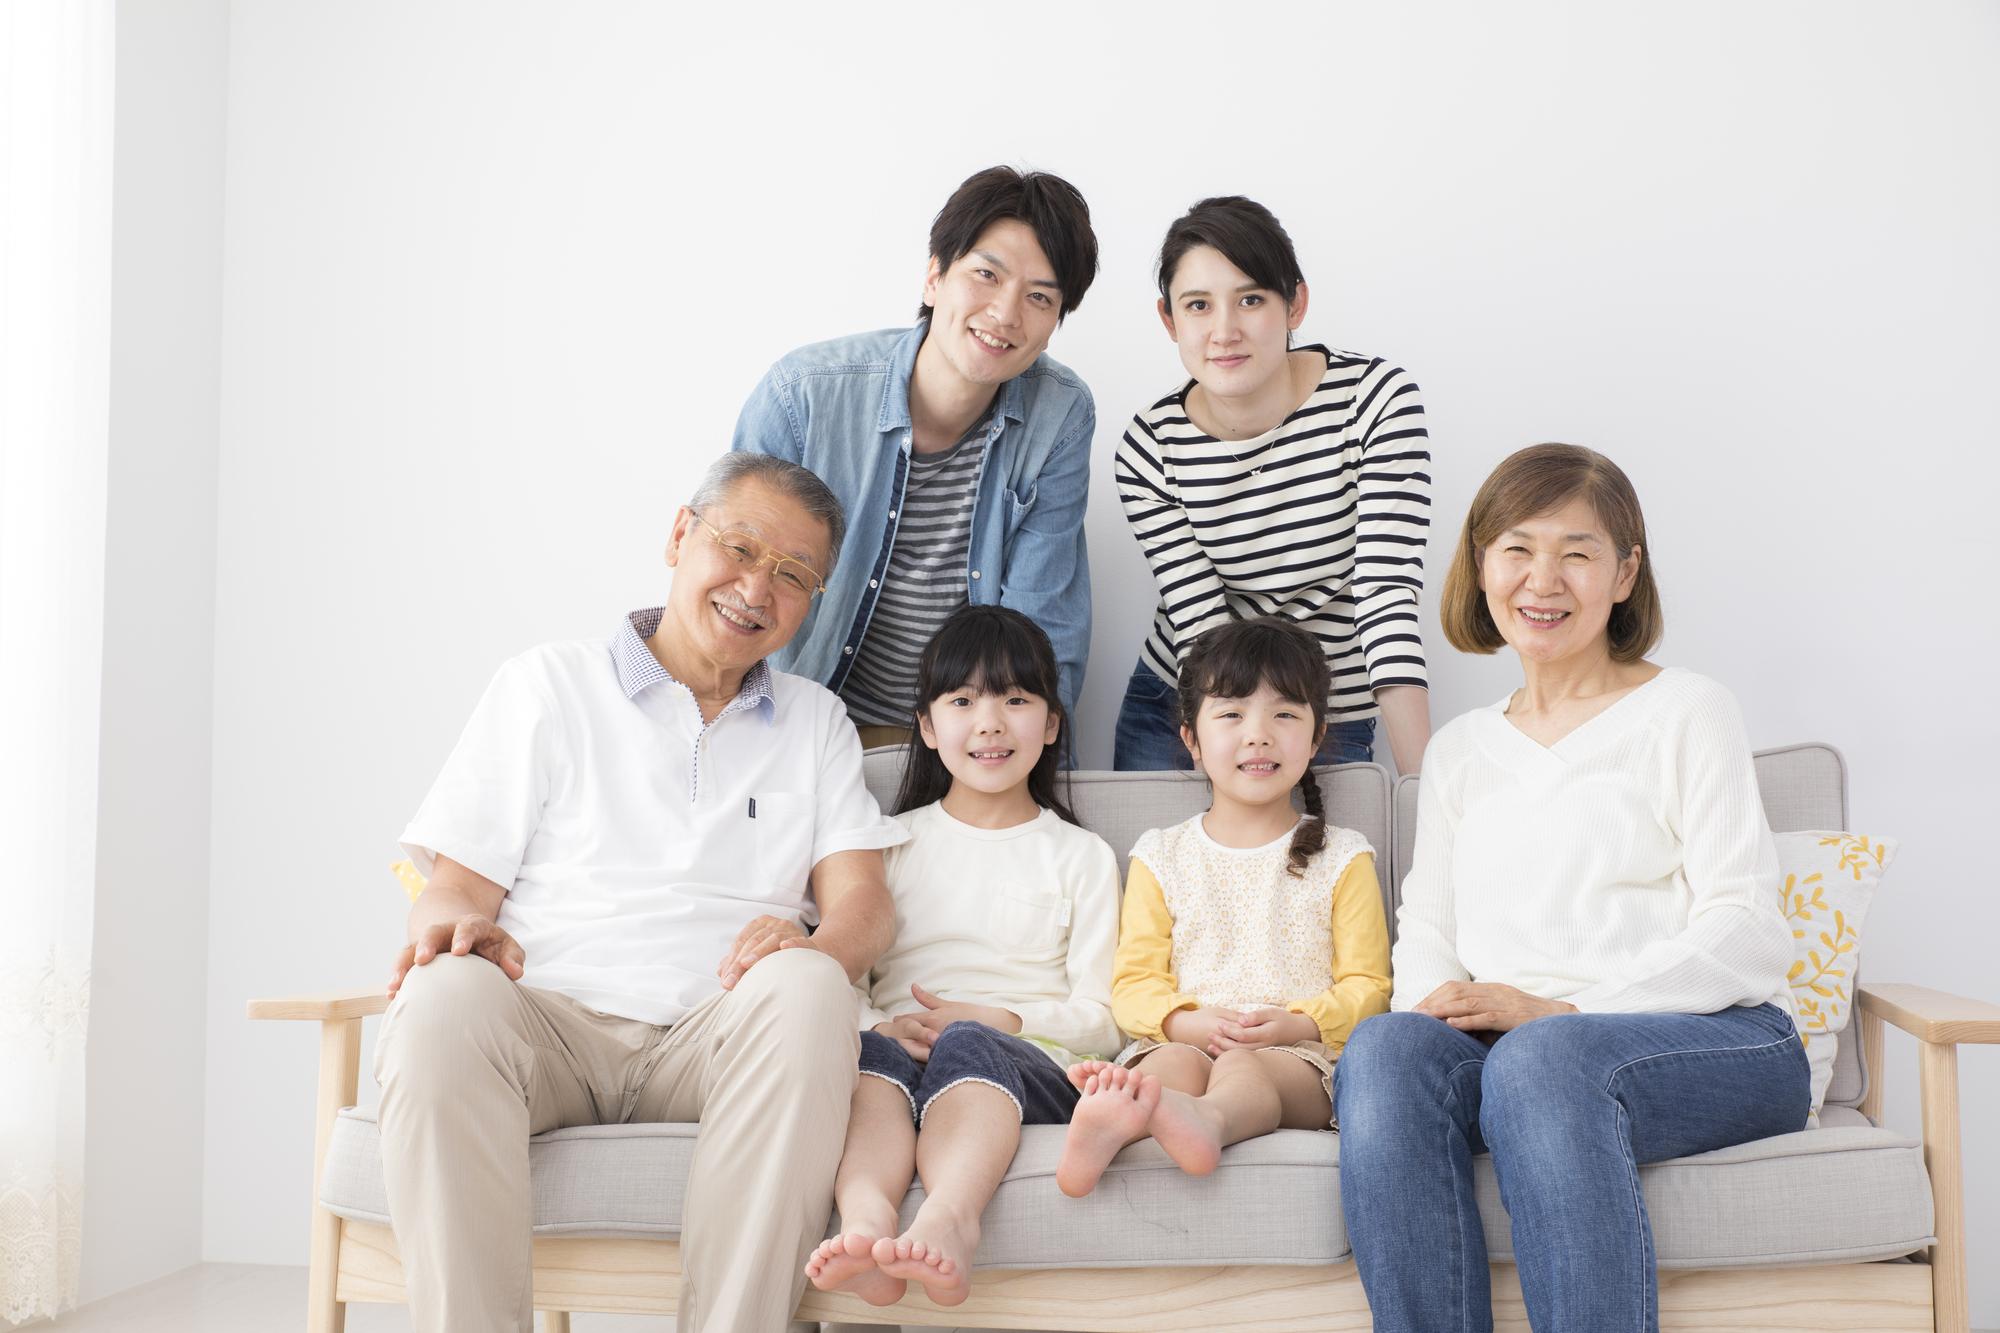 窮屈そうに座る家族